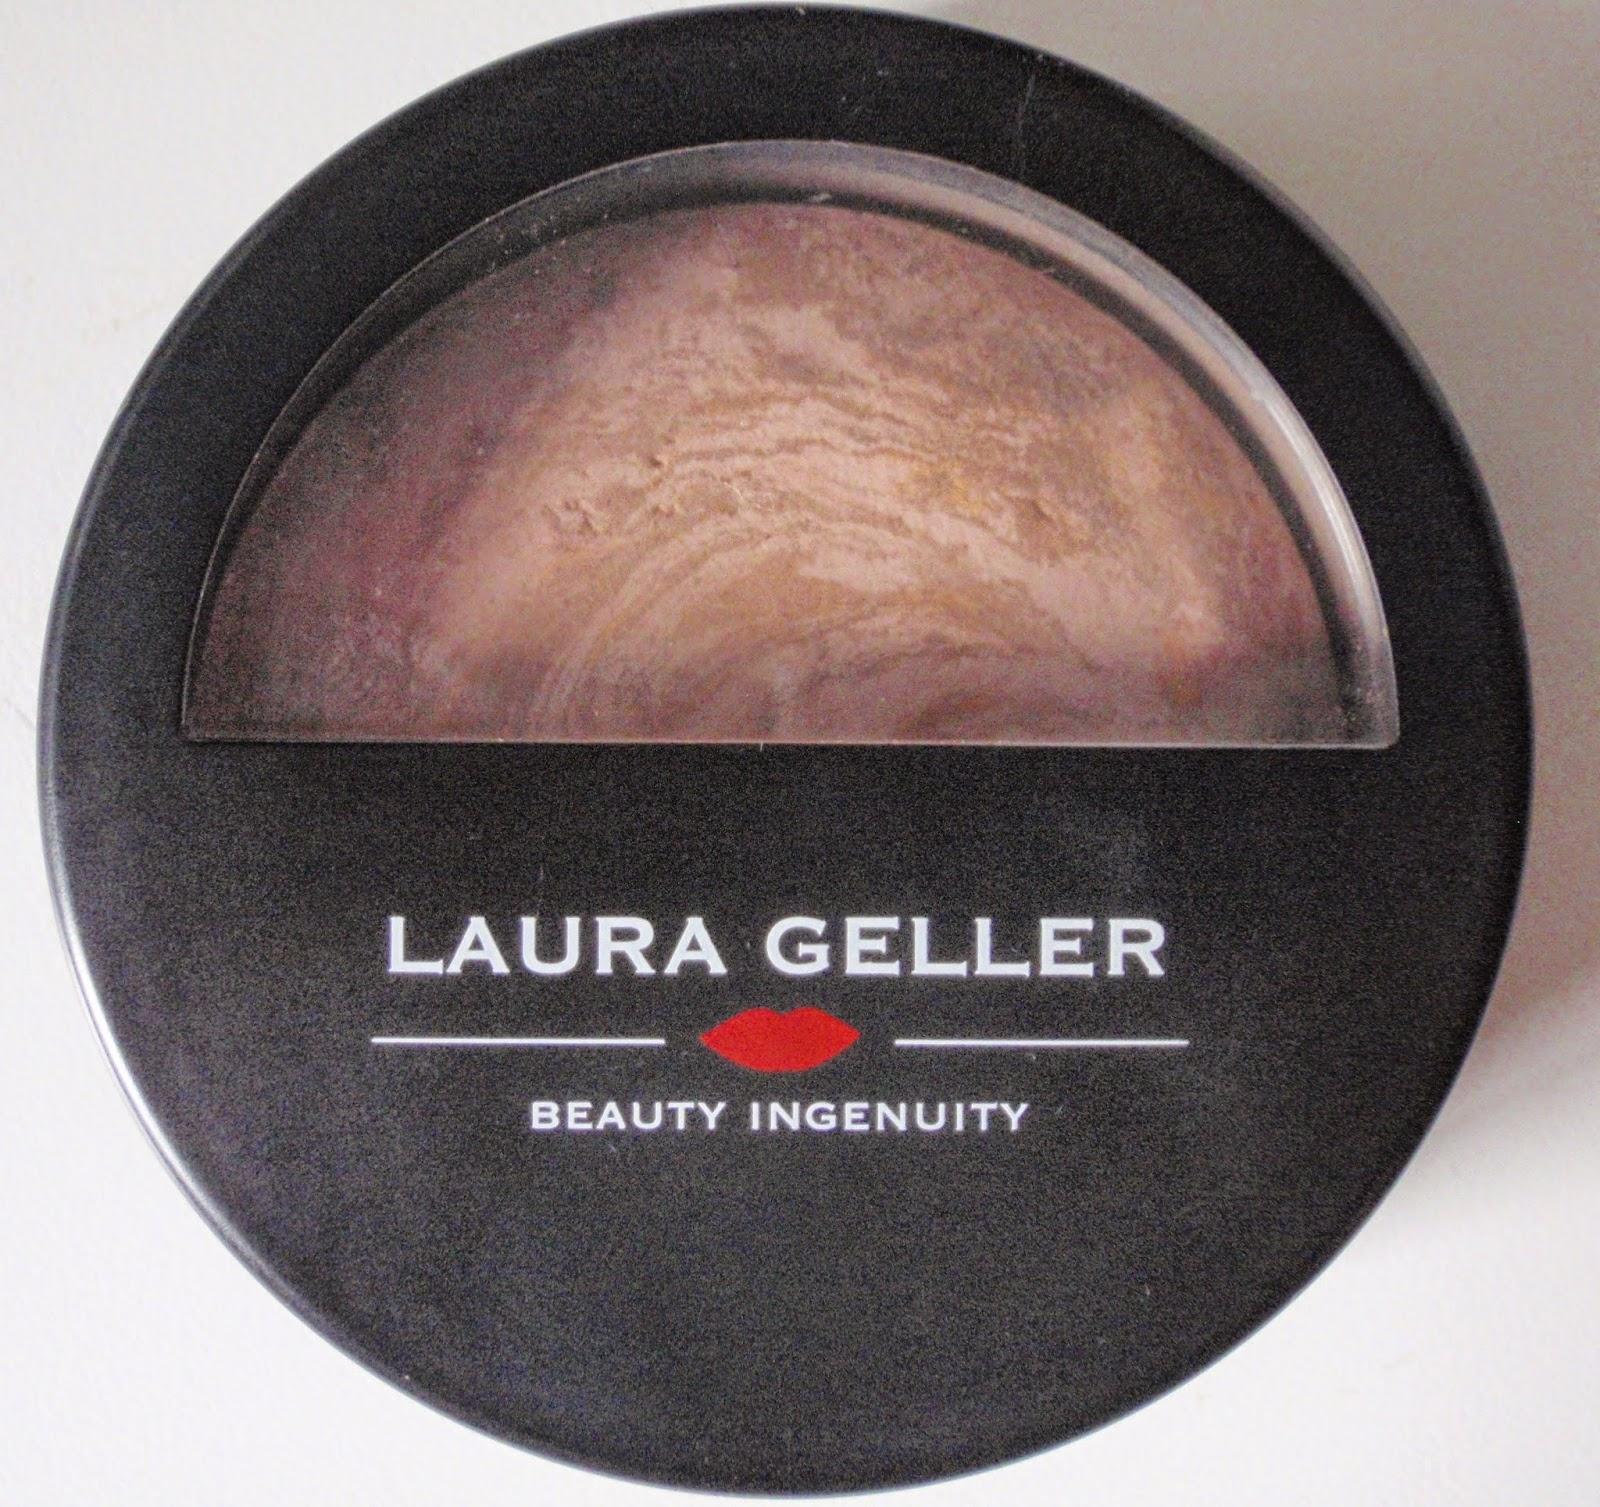 Laura Geller Balance-N-Brighten Foundation